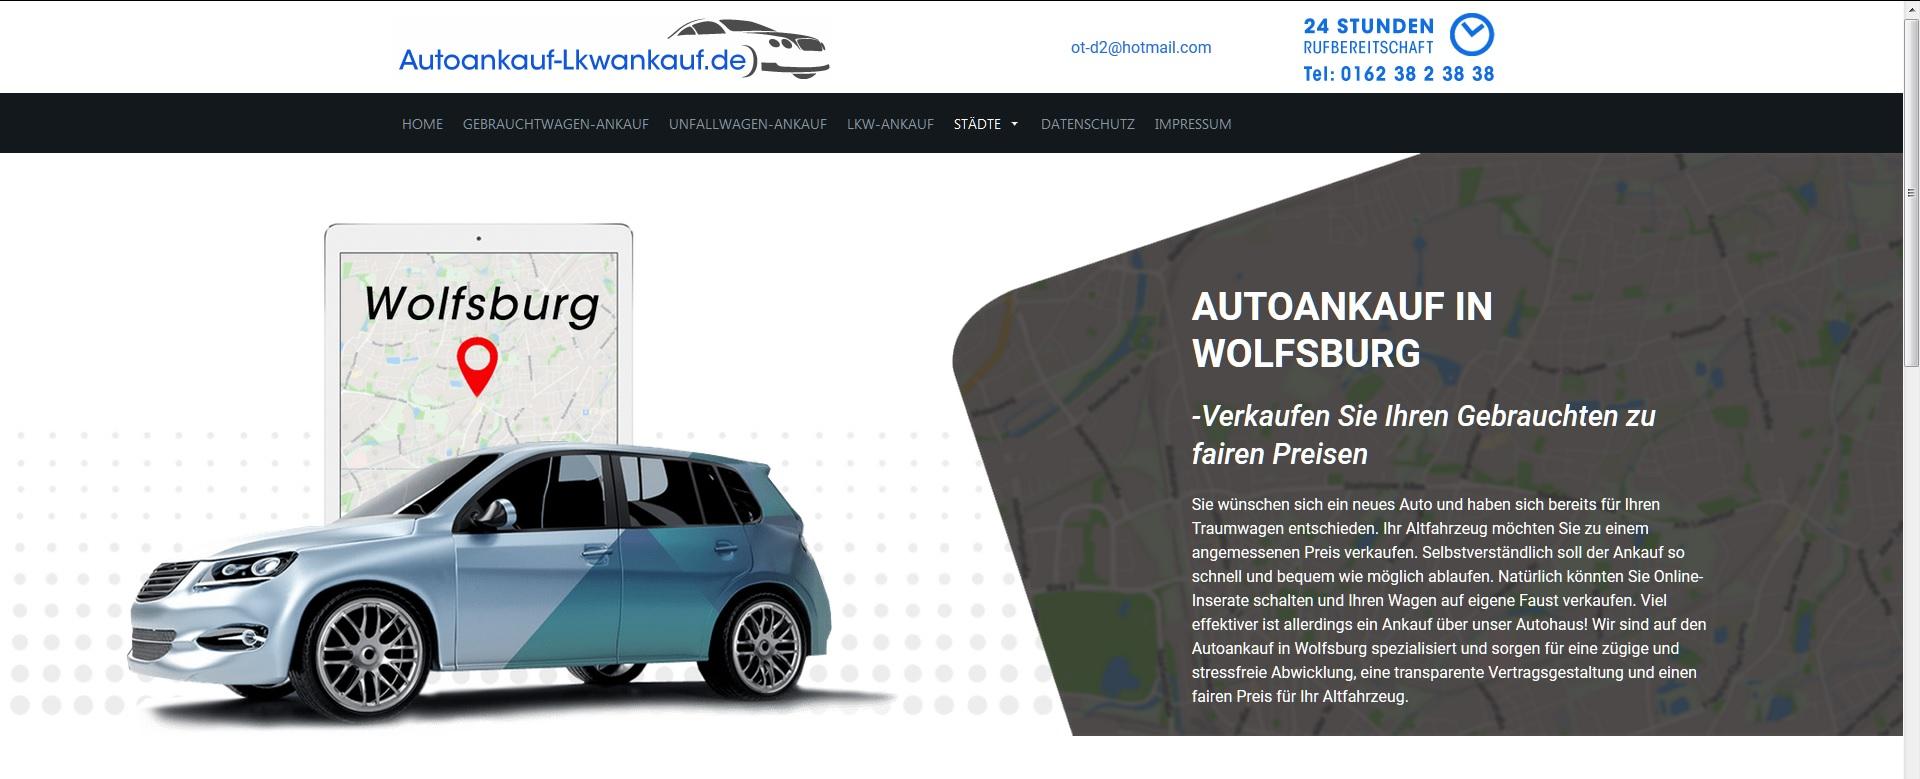 Kinderleicht können Sie einen Unfallwagenankauf bei uns durchführen! Autoankauf-Lkwankauf.de